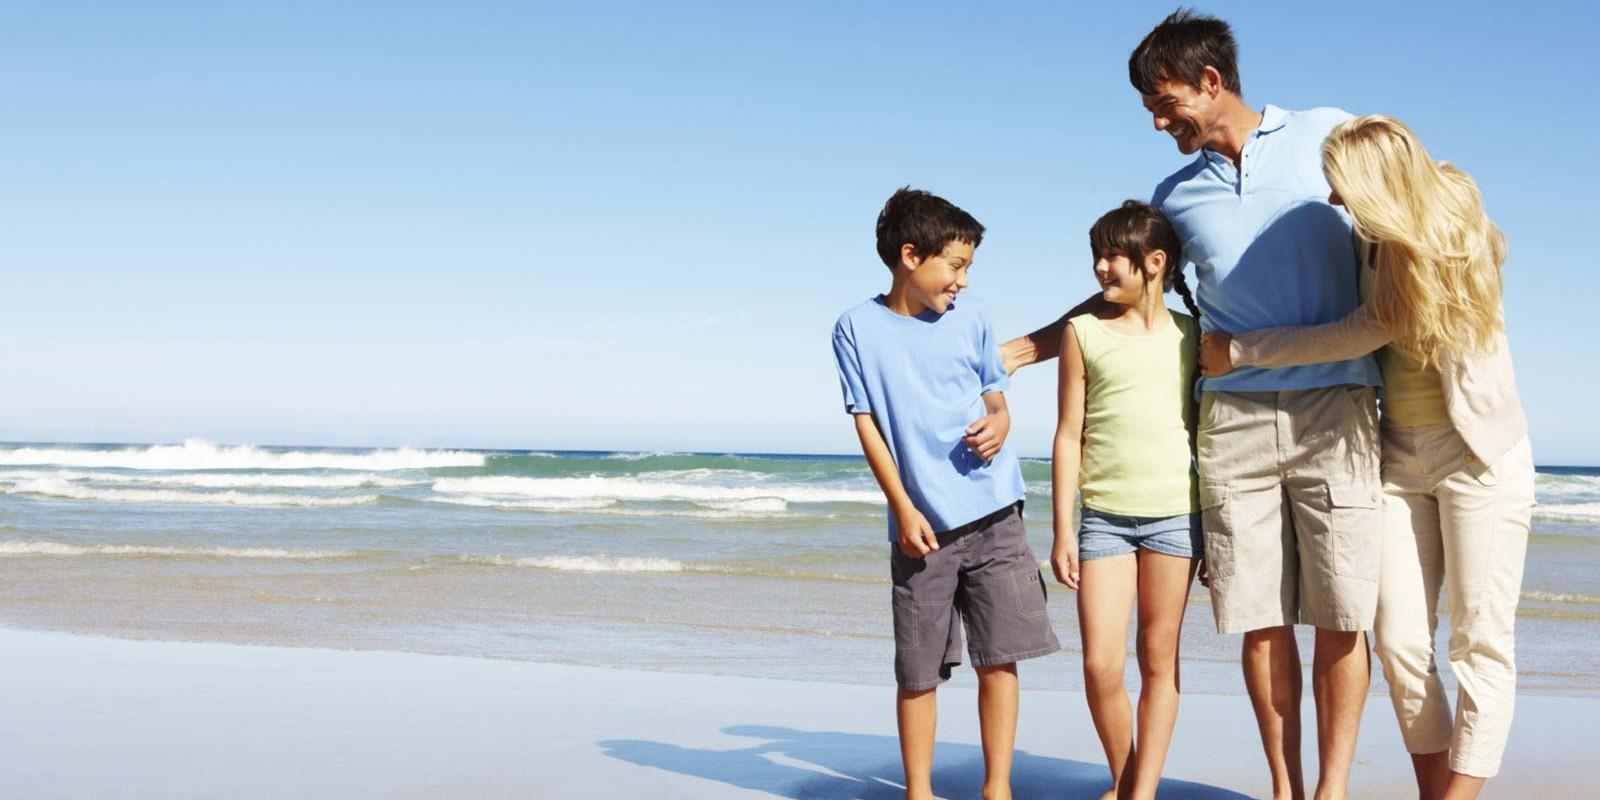 Vacances à la mer avec ses enfants : les précautions à prendre